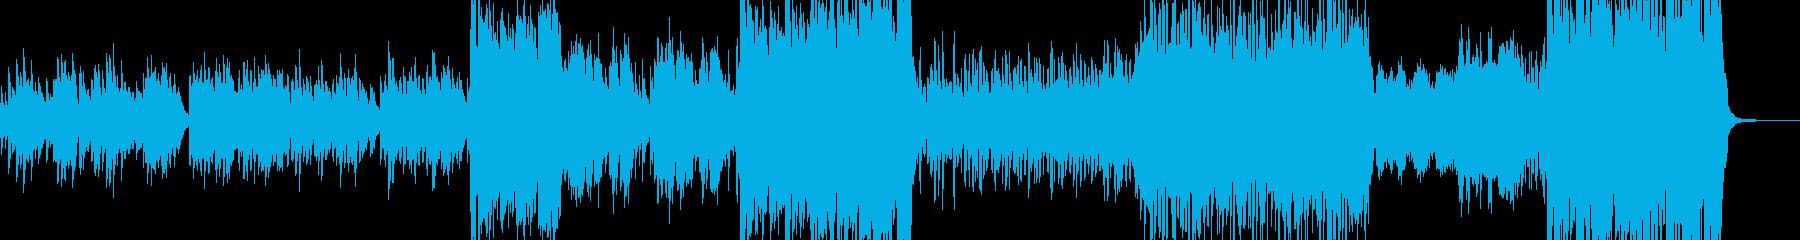 姫チック・踊れるスィングジャズ H2の再生済みの波形